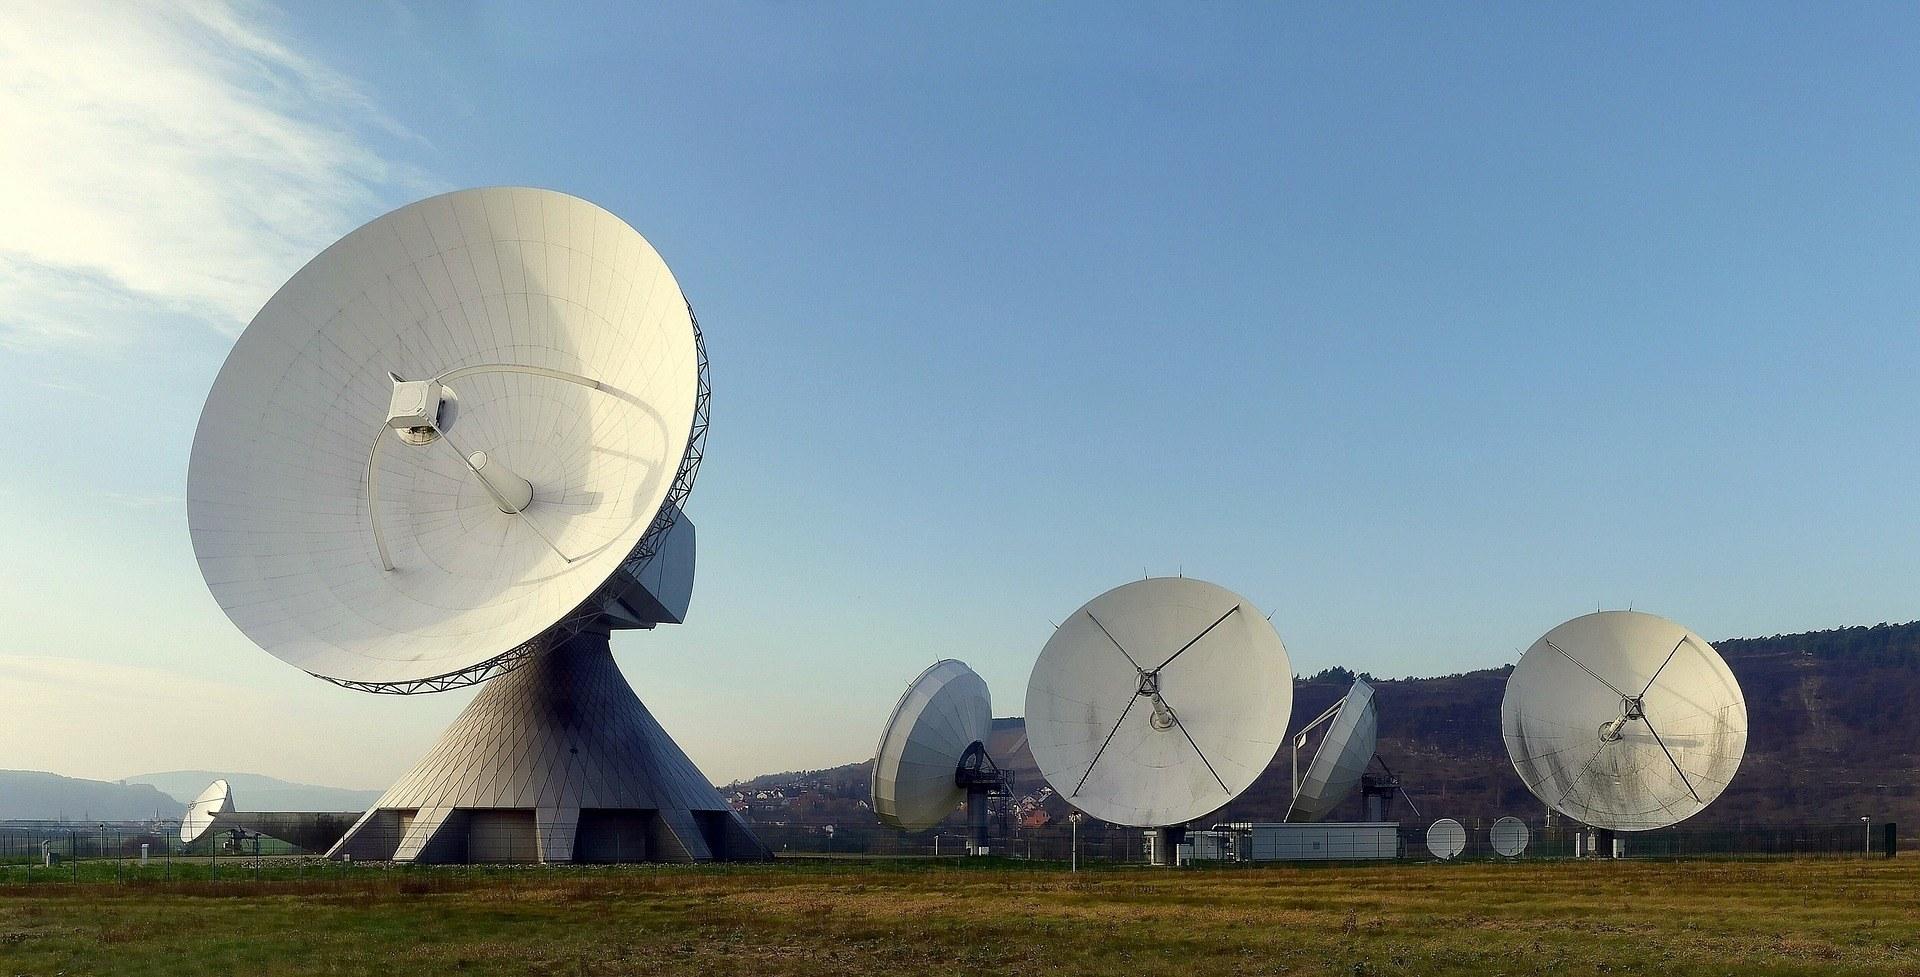 Entfernungsmessung mit radar: entfernungsmessung radar u wikipedia